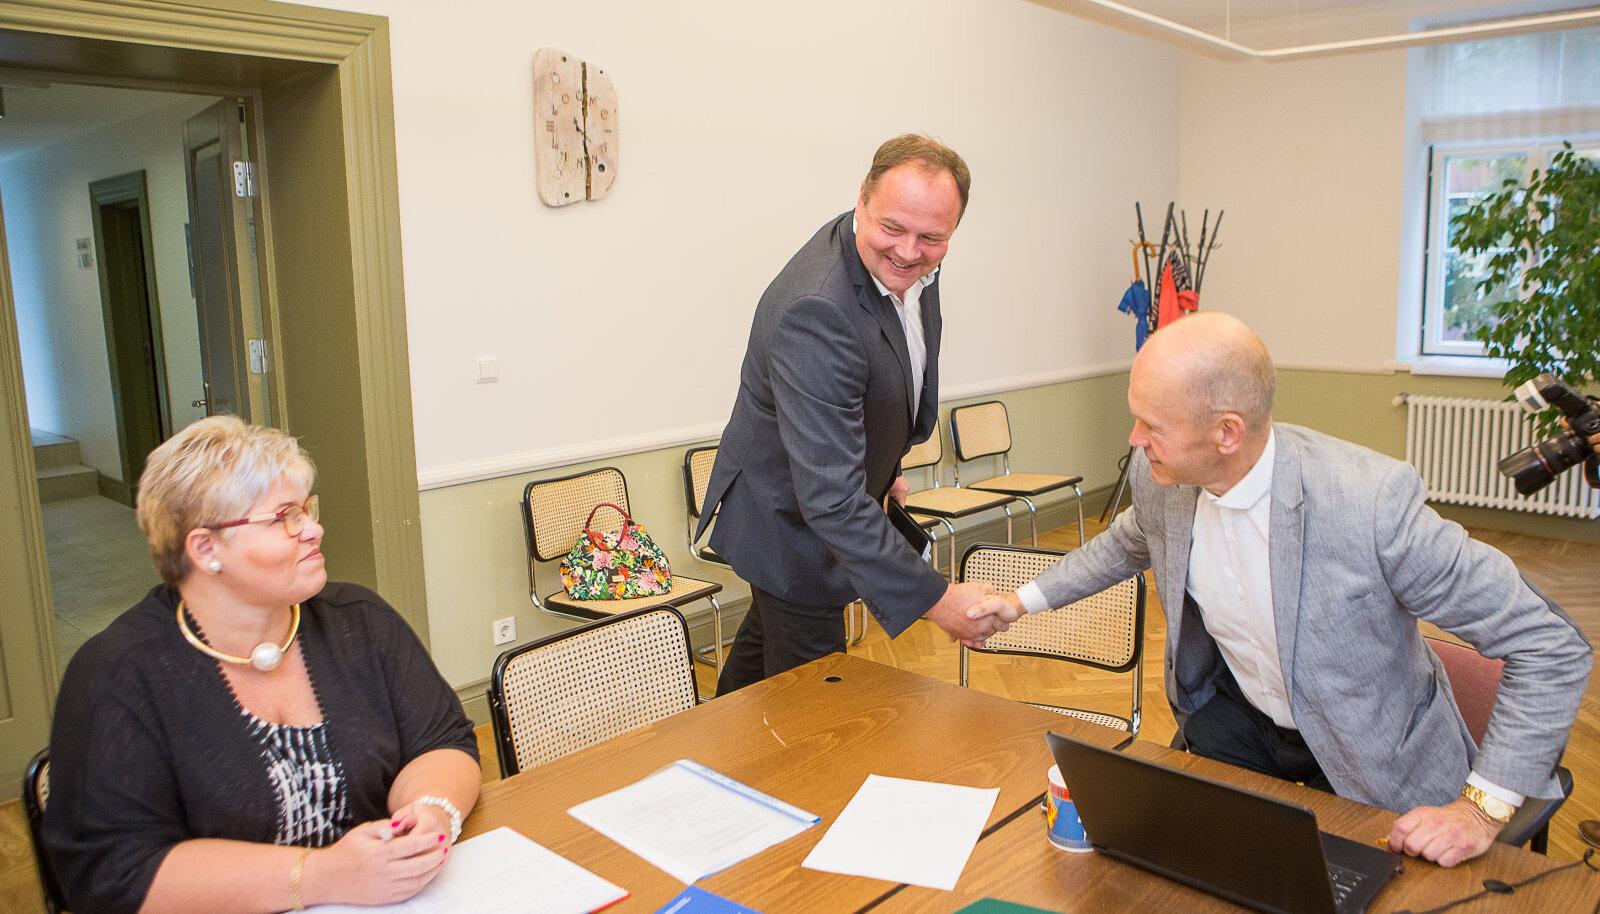 Keskerakonna valimisnimekirjaga saabunud Aivar Aru tervitab Saaremaa valla valimiskomisjoni esimeest Eero Lappi.